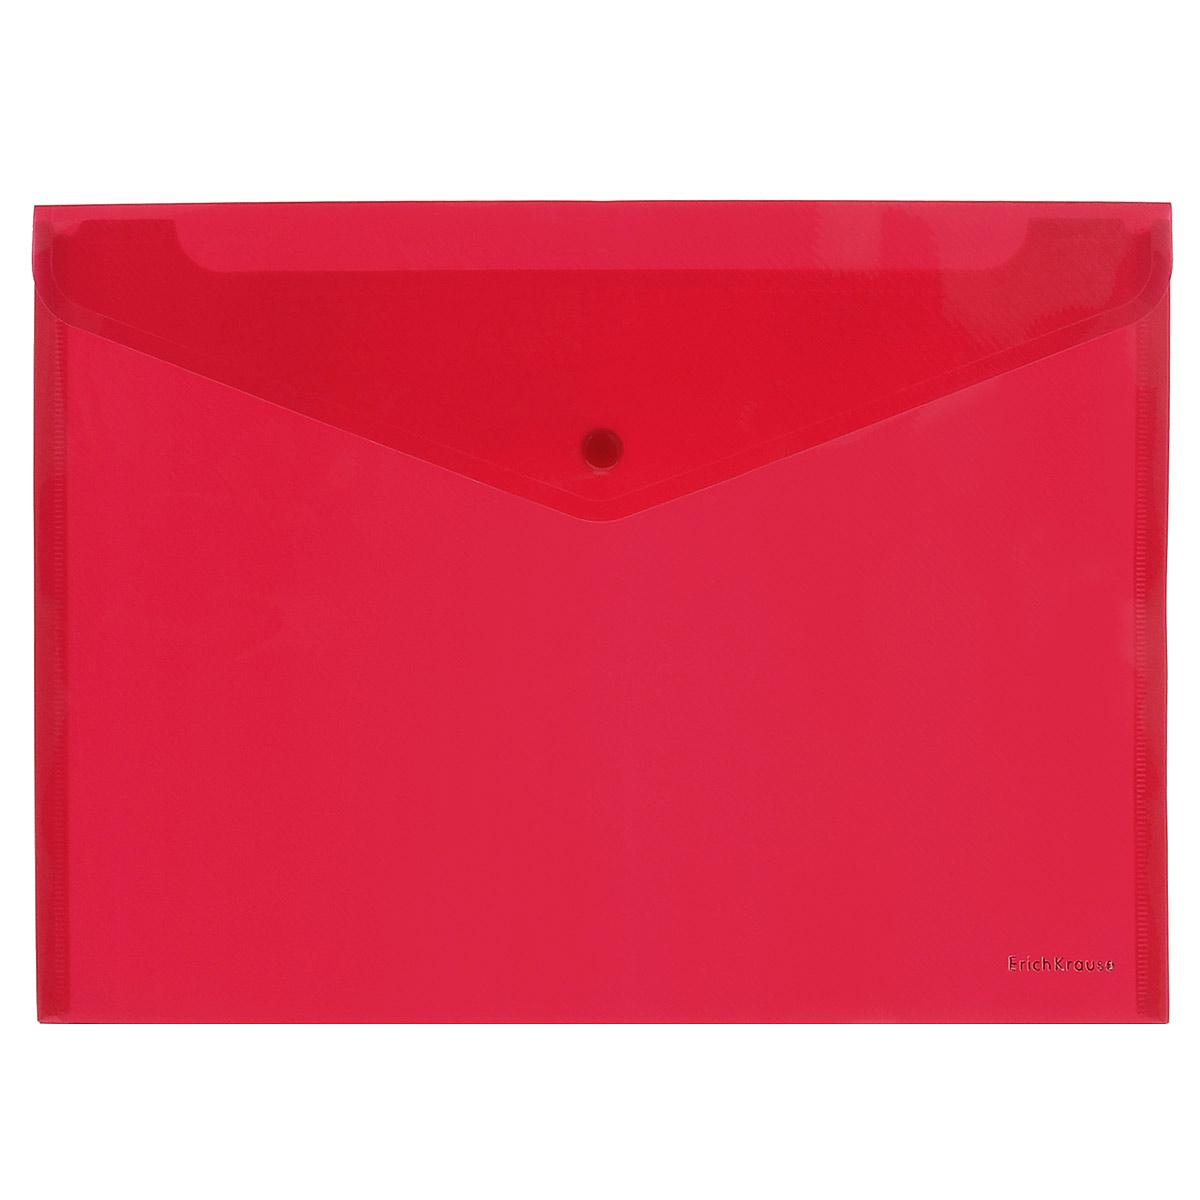 Erich Krause Папка-конверт Envelope Folder цвет красный2932_красныйПапка-конверт на кнопке Erich Krause - удобный и практичный офисный инструмент, предназначенный для хранения и транспортировки рабочих бумаг и документов формата А4. Папка изготовлена из полупрозрачного глянцевого пластика красного цвета с диагональной текстурой, которая надолго сохраняет папку аккуратной и увеличивает срок ее службы. Практичная застежка-кнопка удобна для частого использования и обеспечивает быстрый доступ к документам. С такой папкой ваши документы всегда будут в полном порядке!